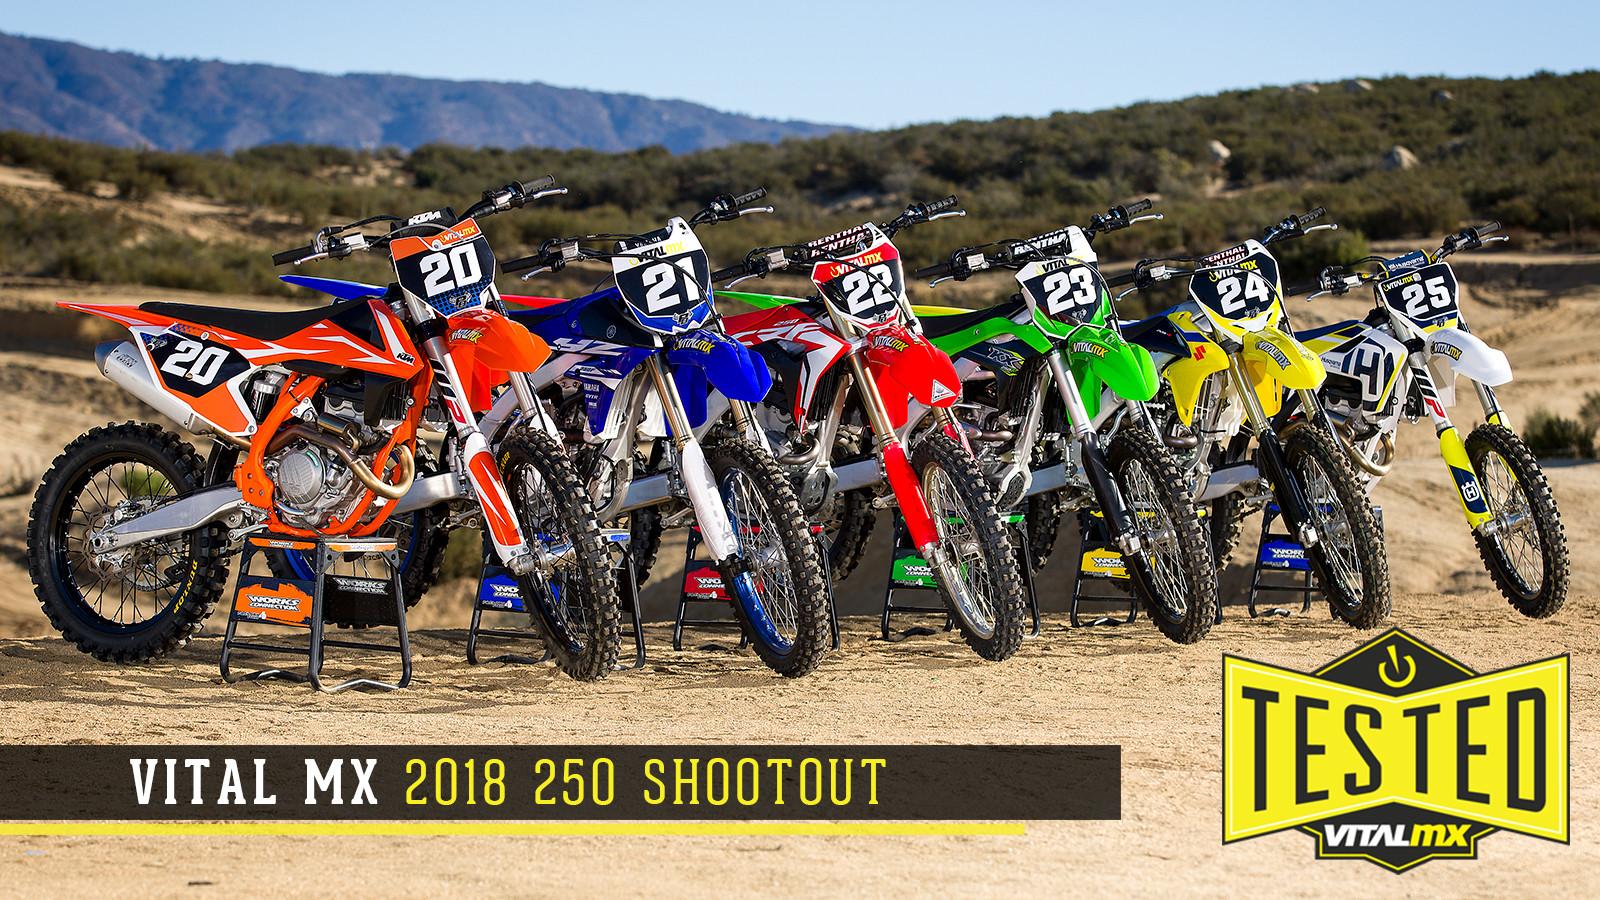 2018 Vital MX 250 Shootout